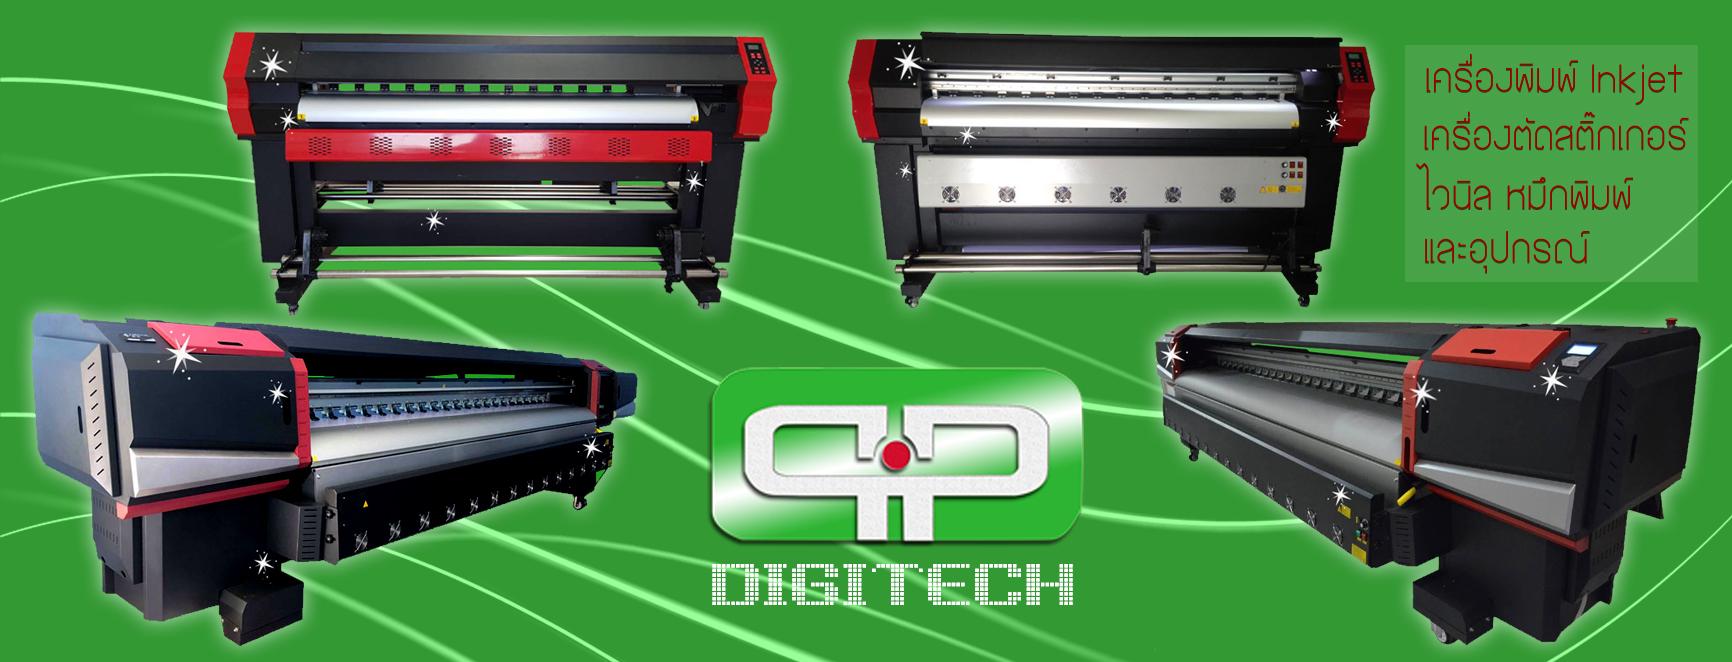 เราคือผู้นำเข้าเครื่องพิมพ์ Inkjet